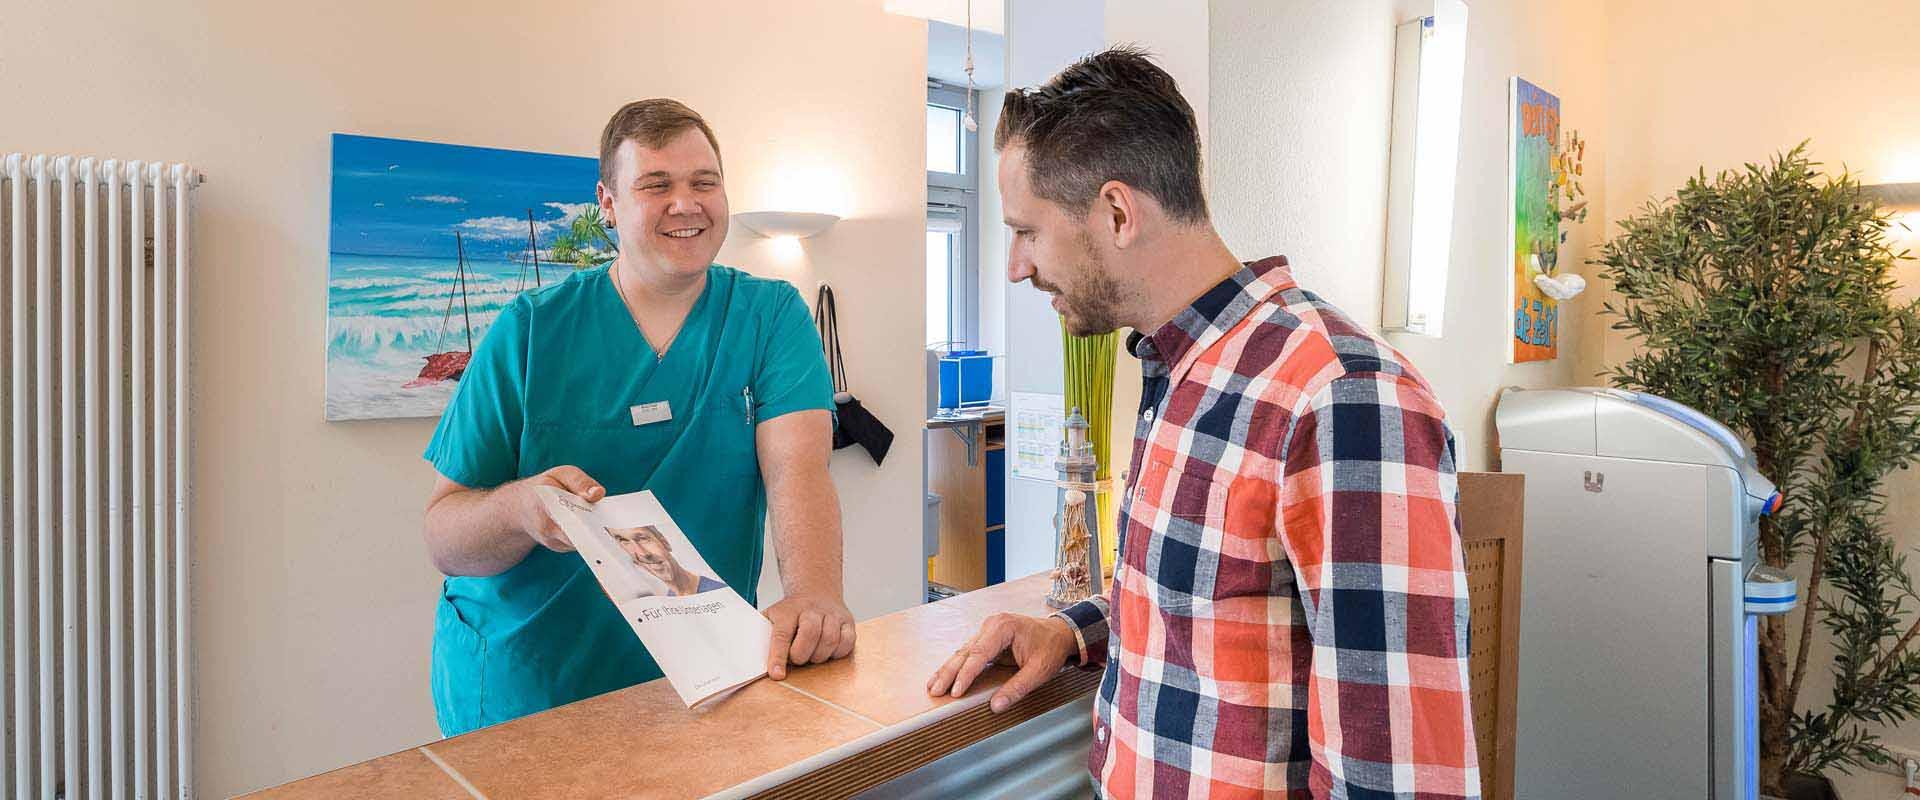 Ein Patient bei der Anmeldung in der MEDIAN Klinik Daun Thommener Höhe